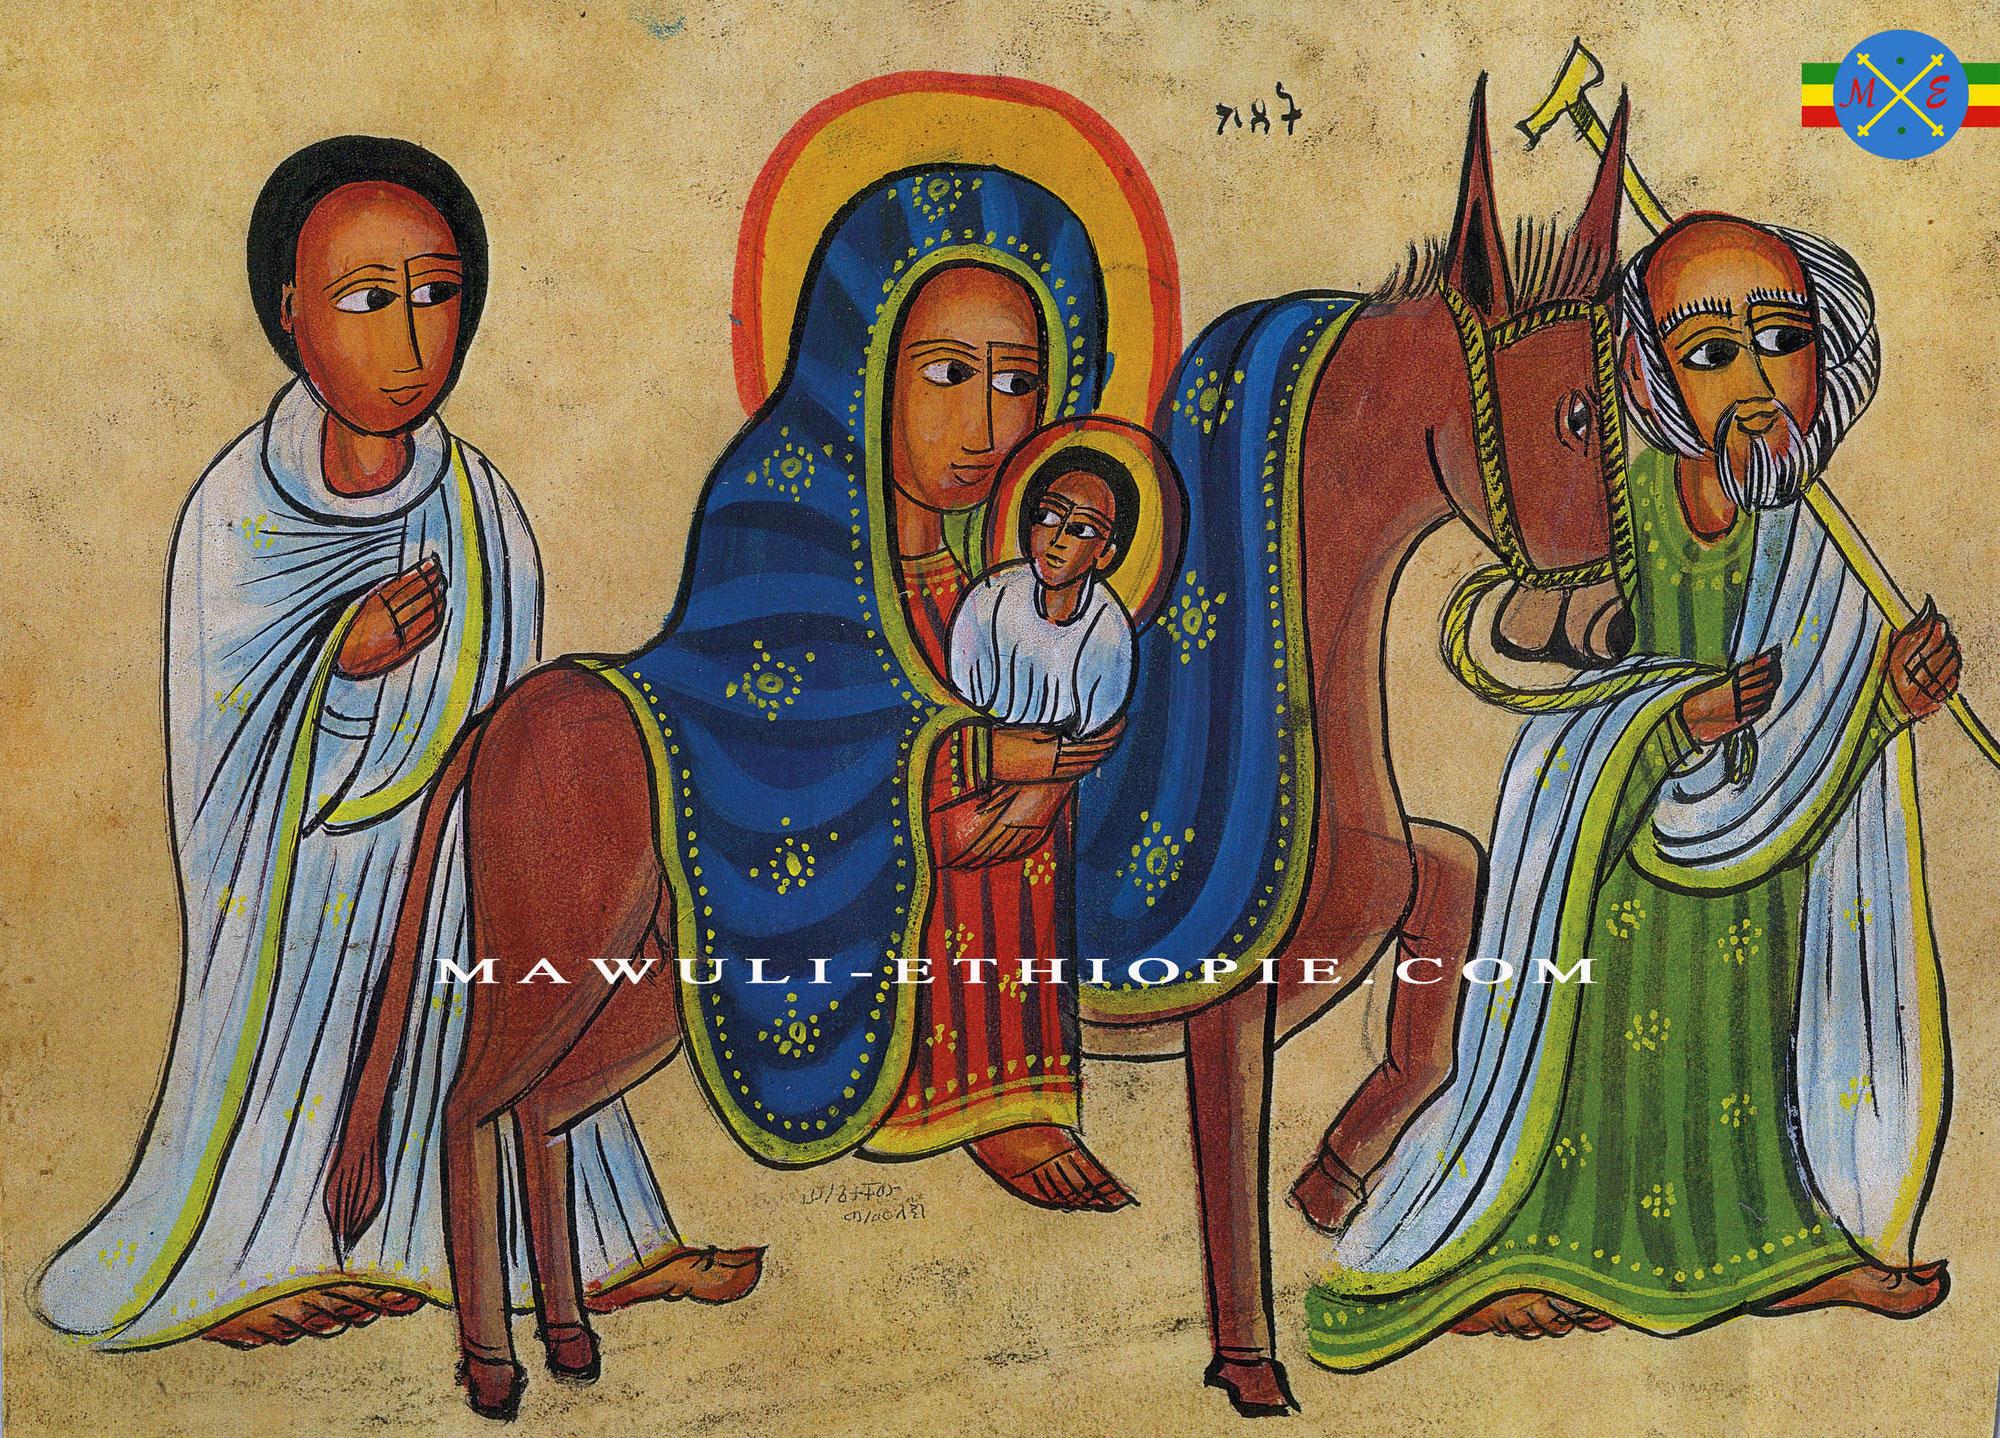 Jour 31 Calendrier de l'Avent Mawuli Ethiopie Artisanat